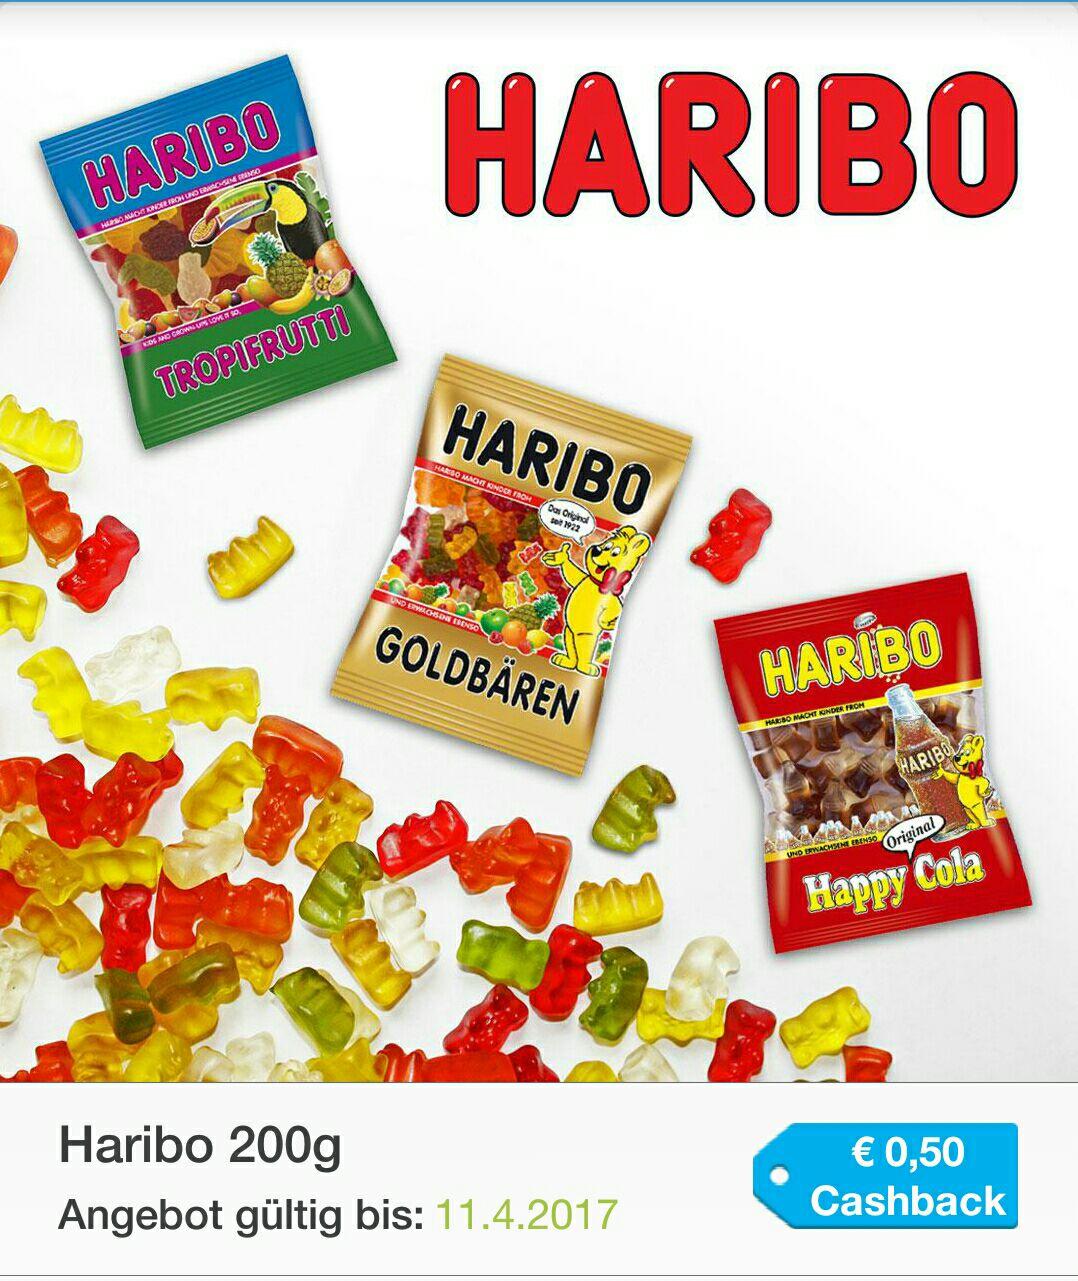 2x200g Haribo um €0.98